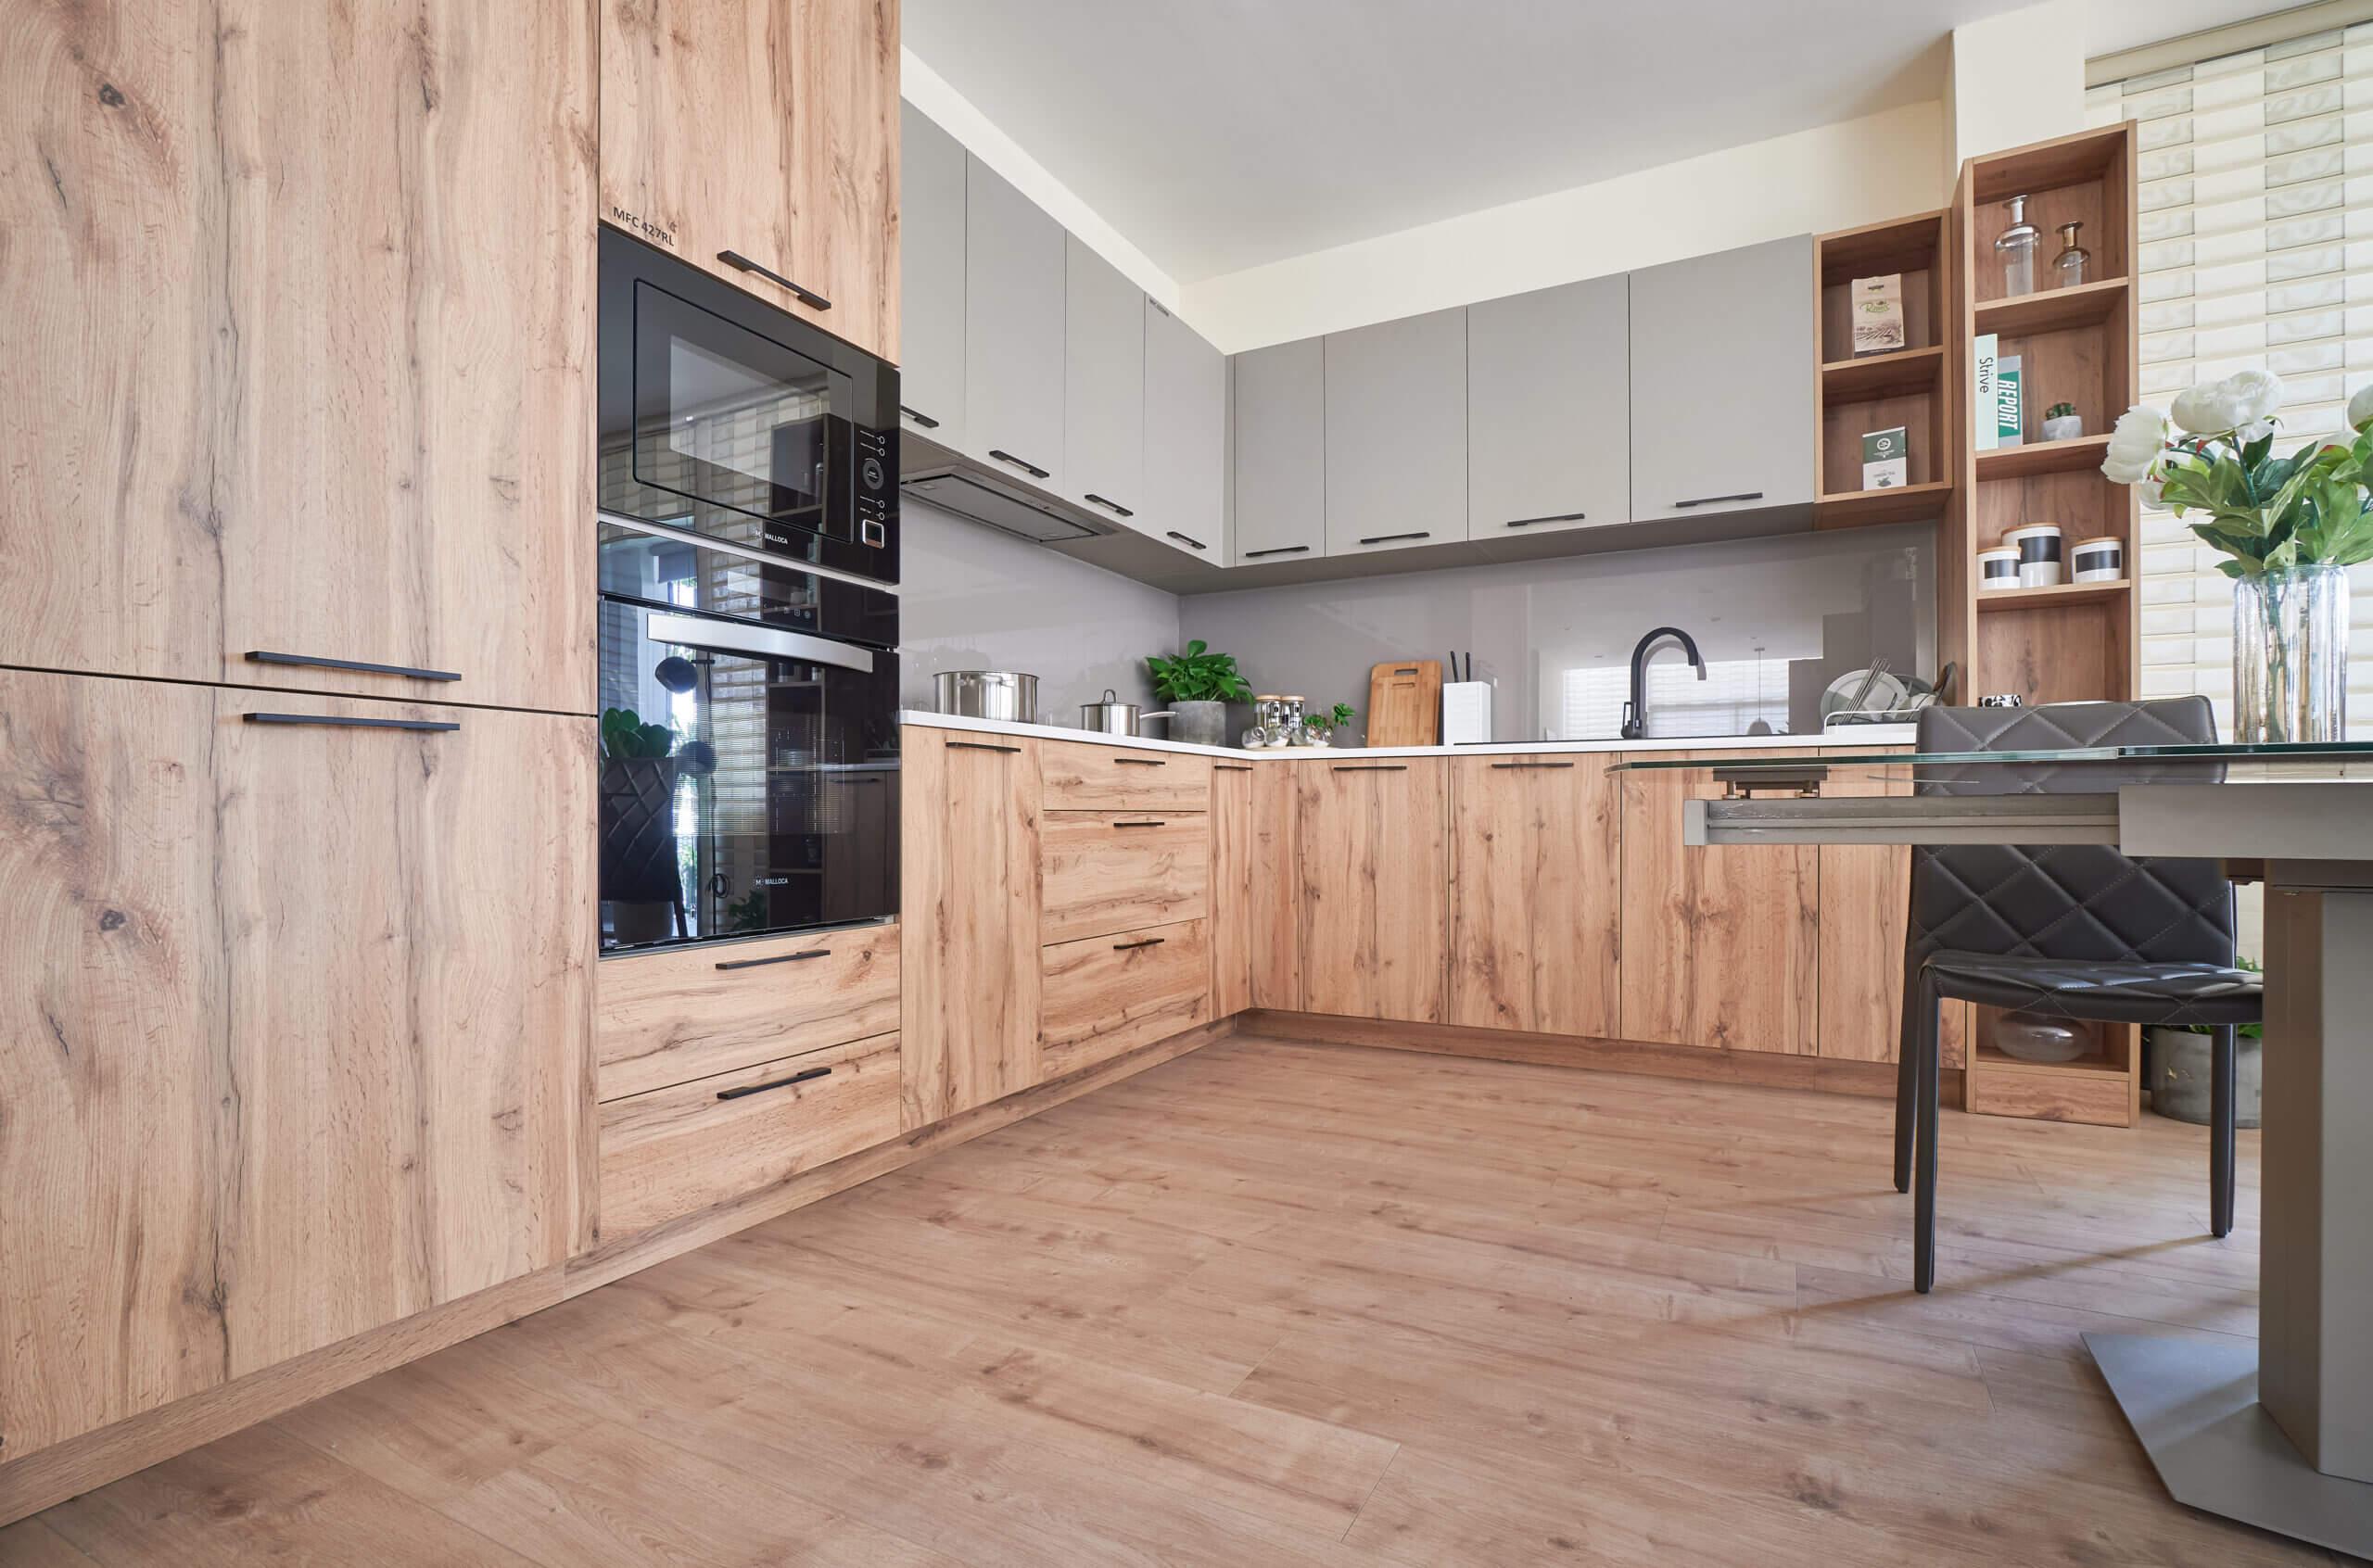 Hình ảnh thực tế tủ bếp gỗ công nghiệp An Cường 01